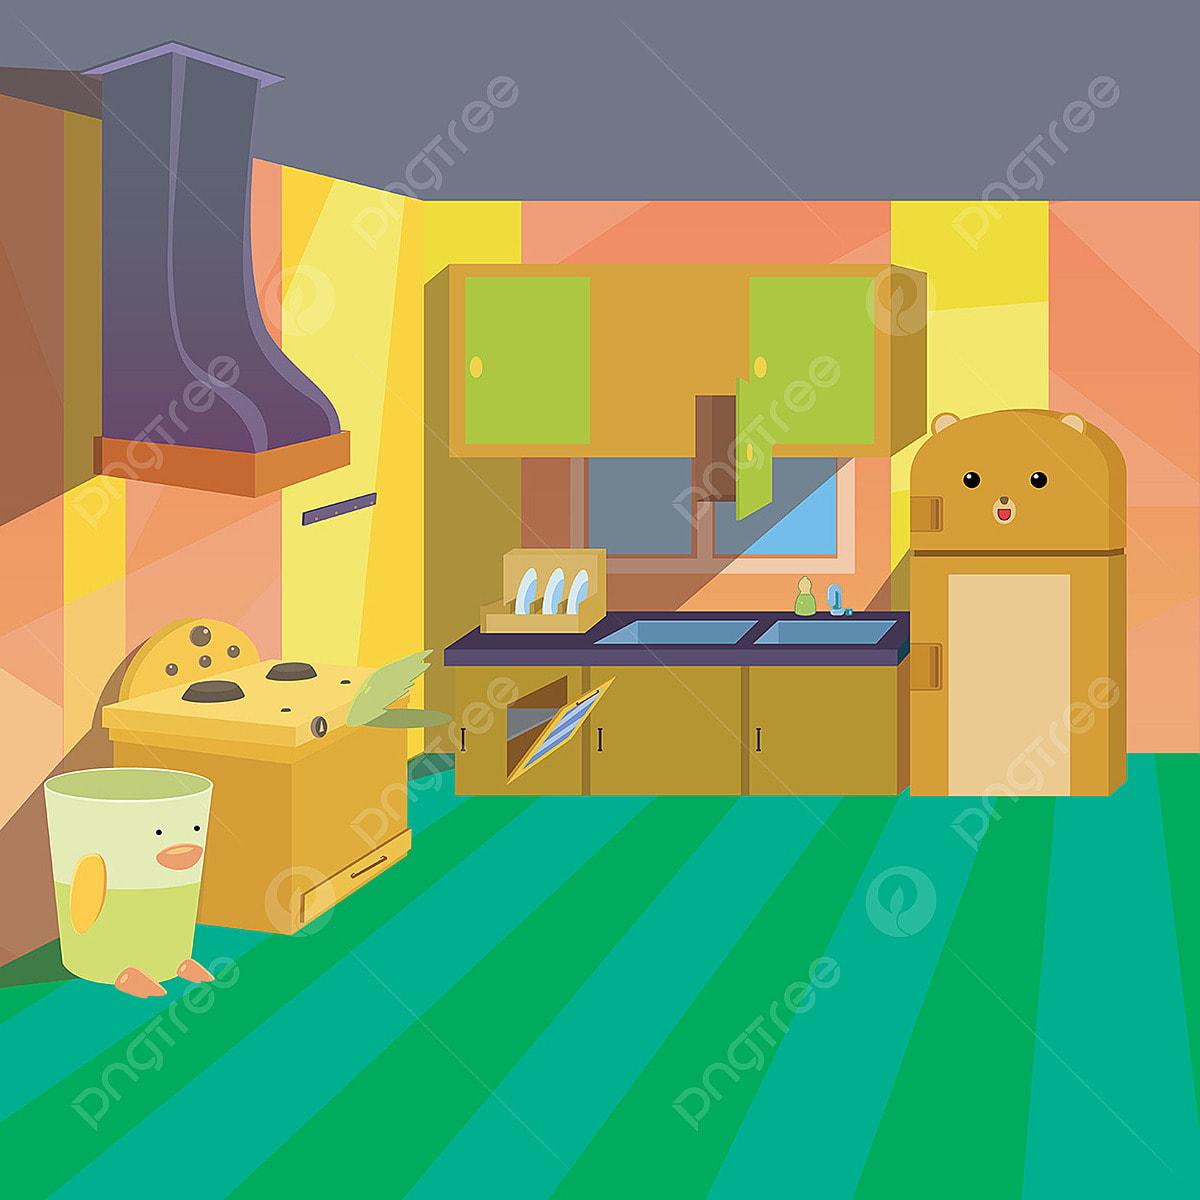 Cocina Limpia Chicos Estilo De Dibujos Animados Ilustracion